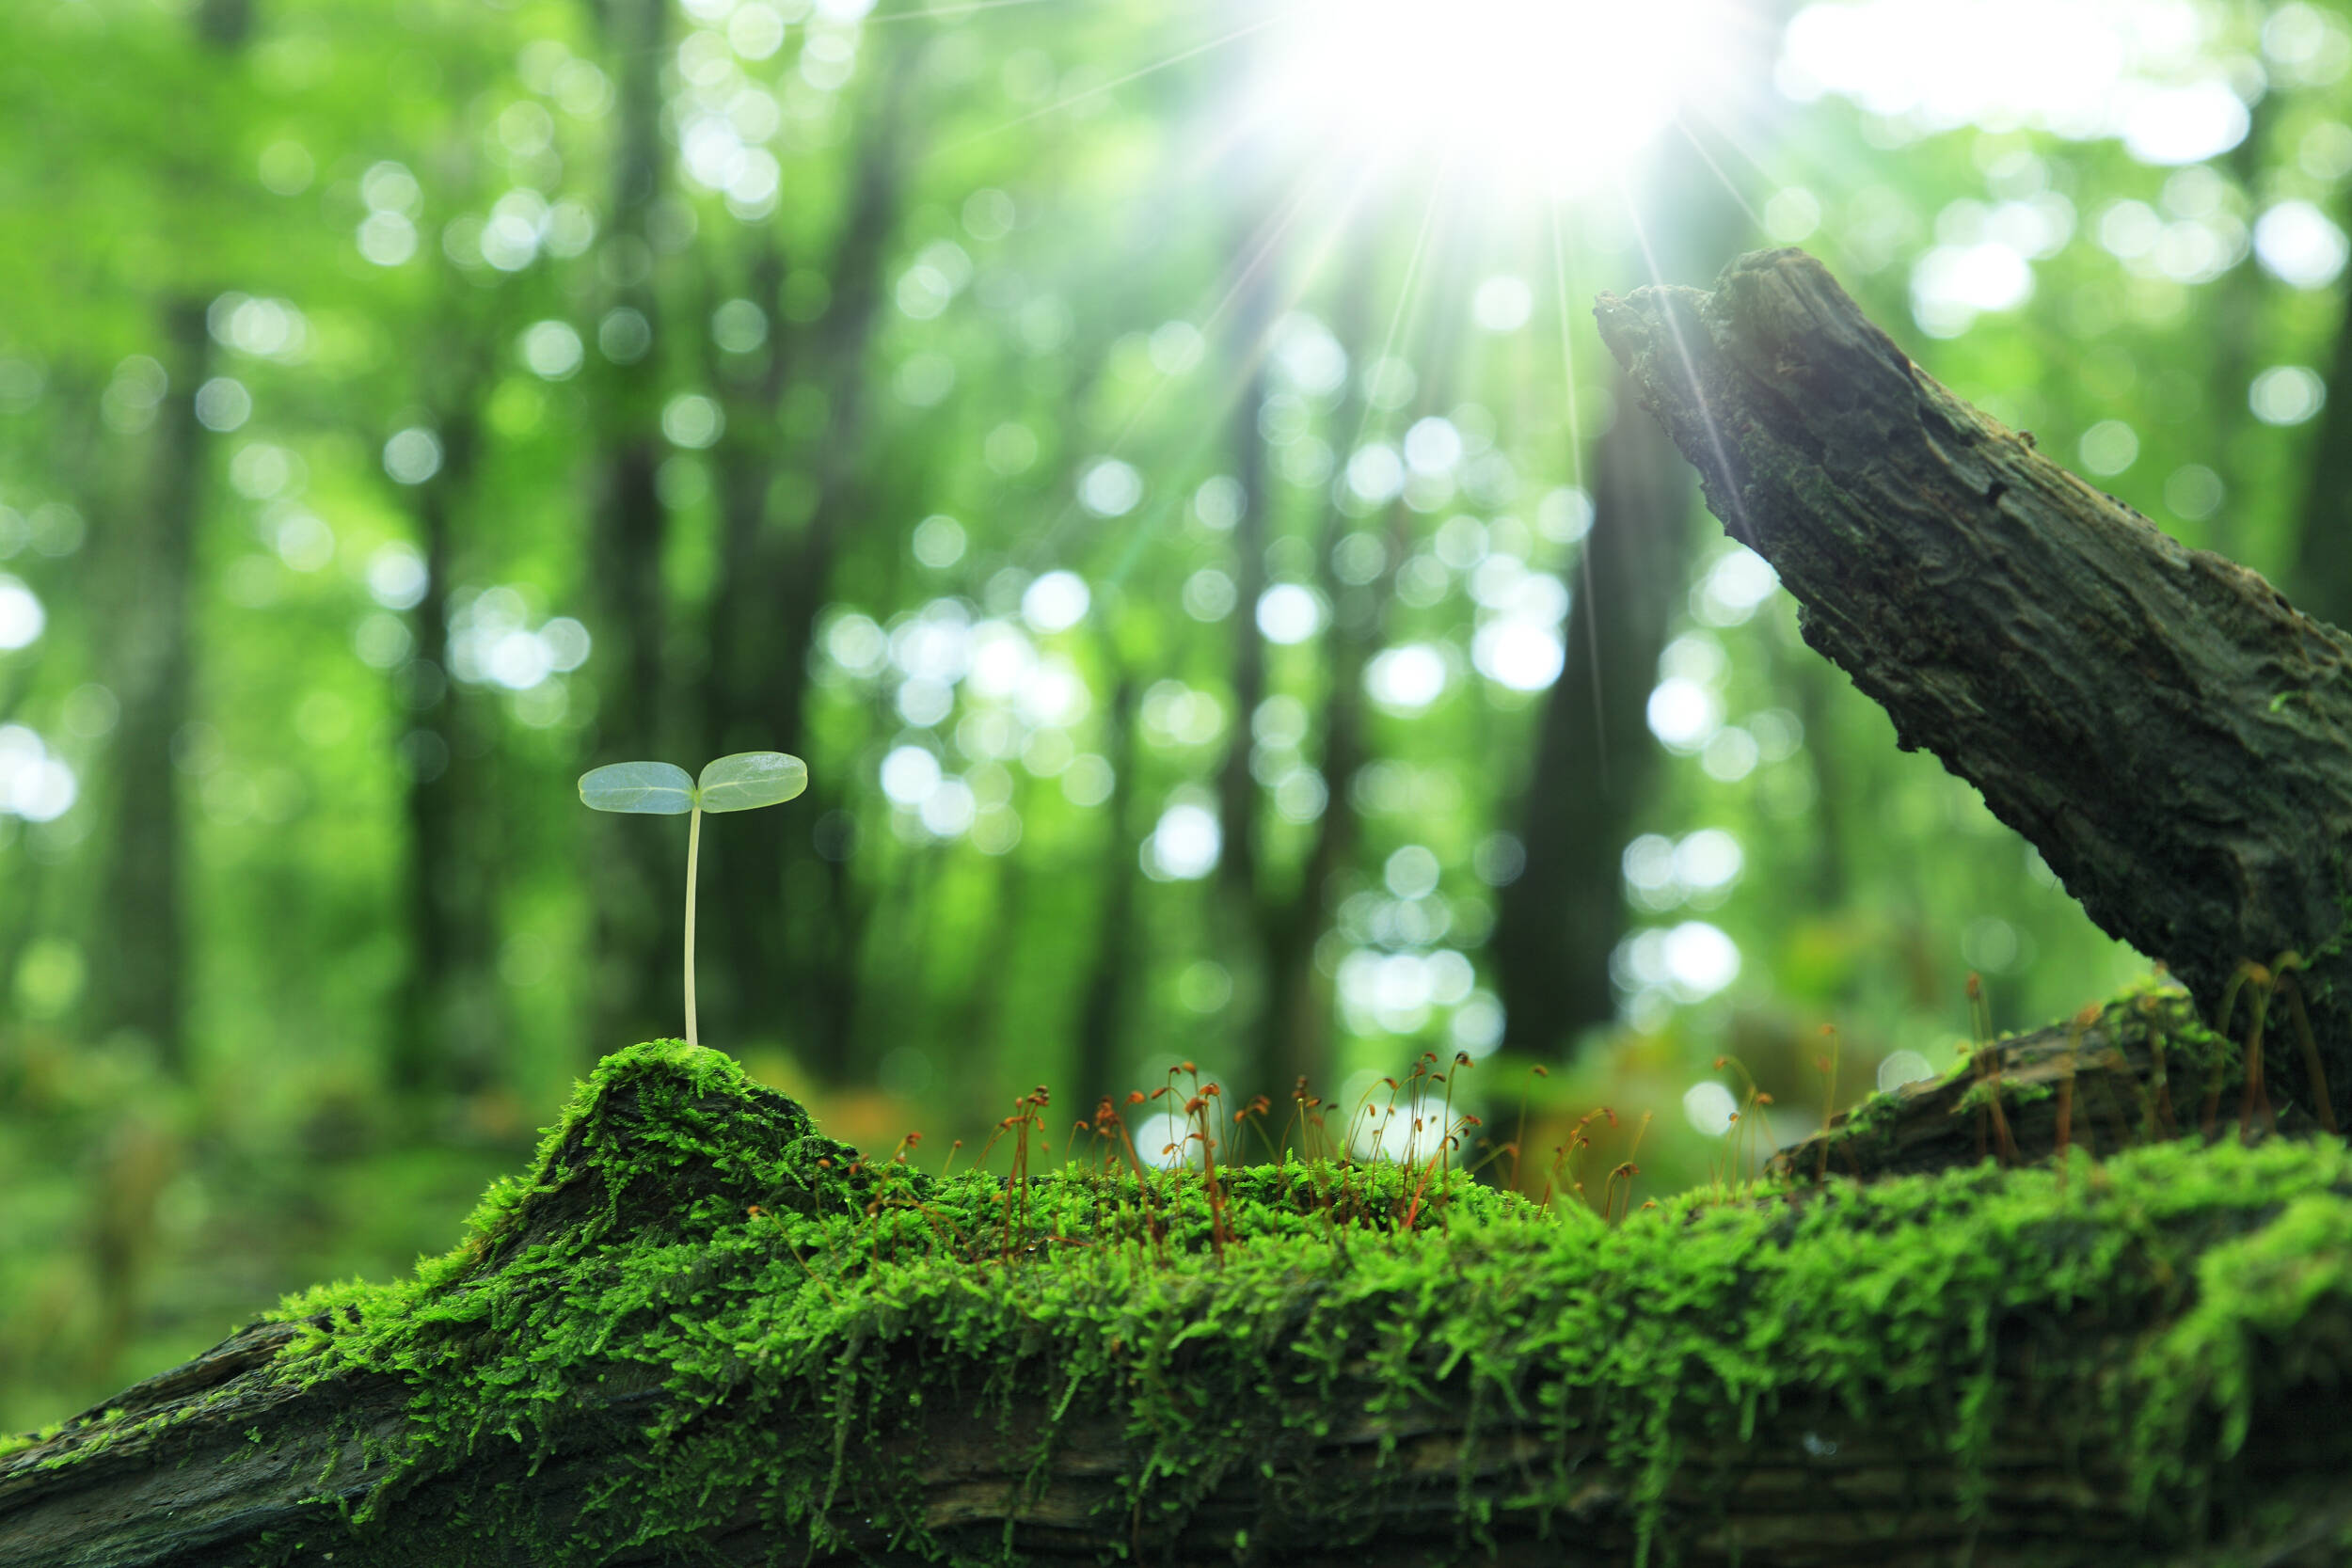 闪电评论 在幼小的心灵中播撒保护生态环境的种子